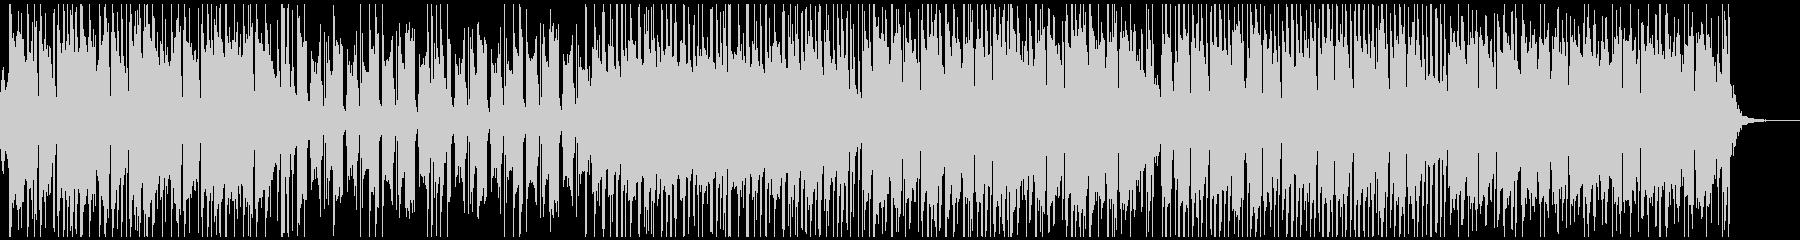 津軽三味線とストリングスの和風ポップの未再生の波形